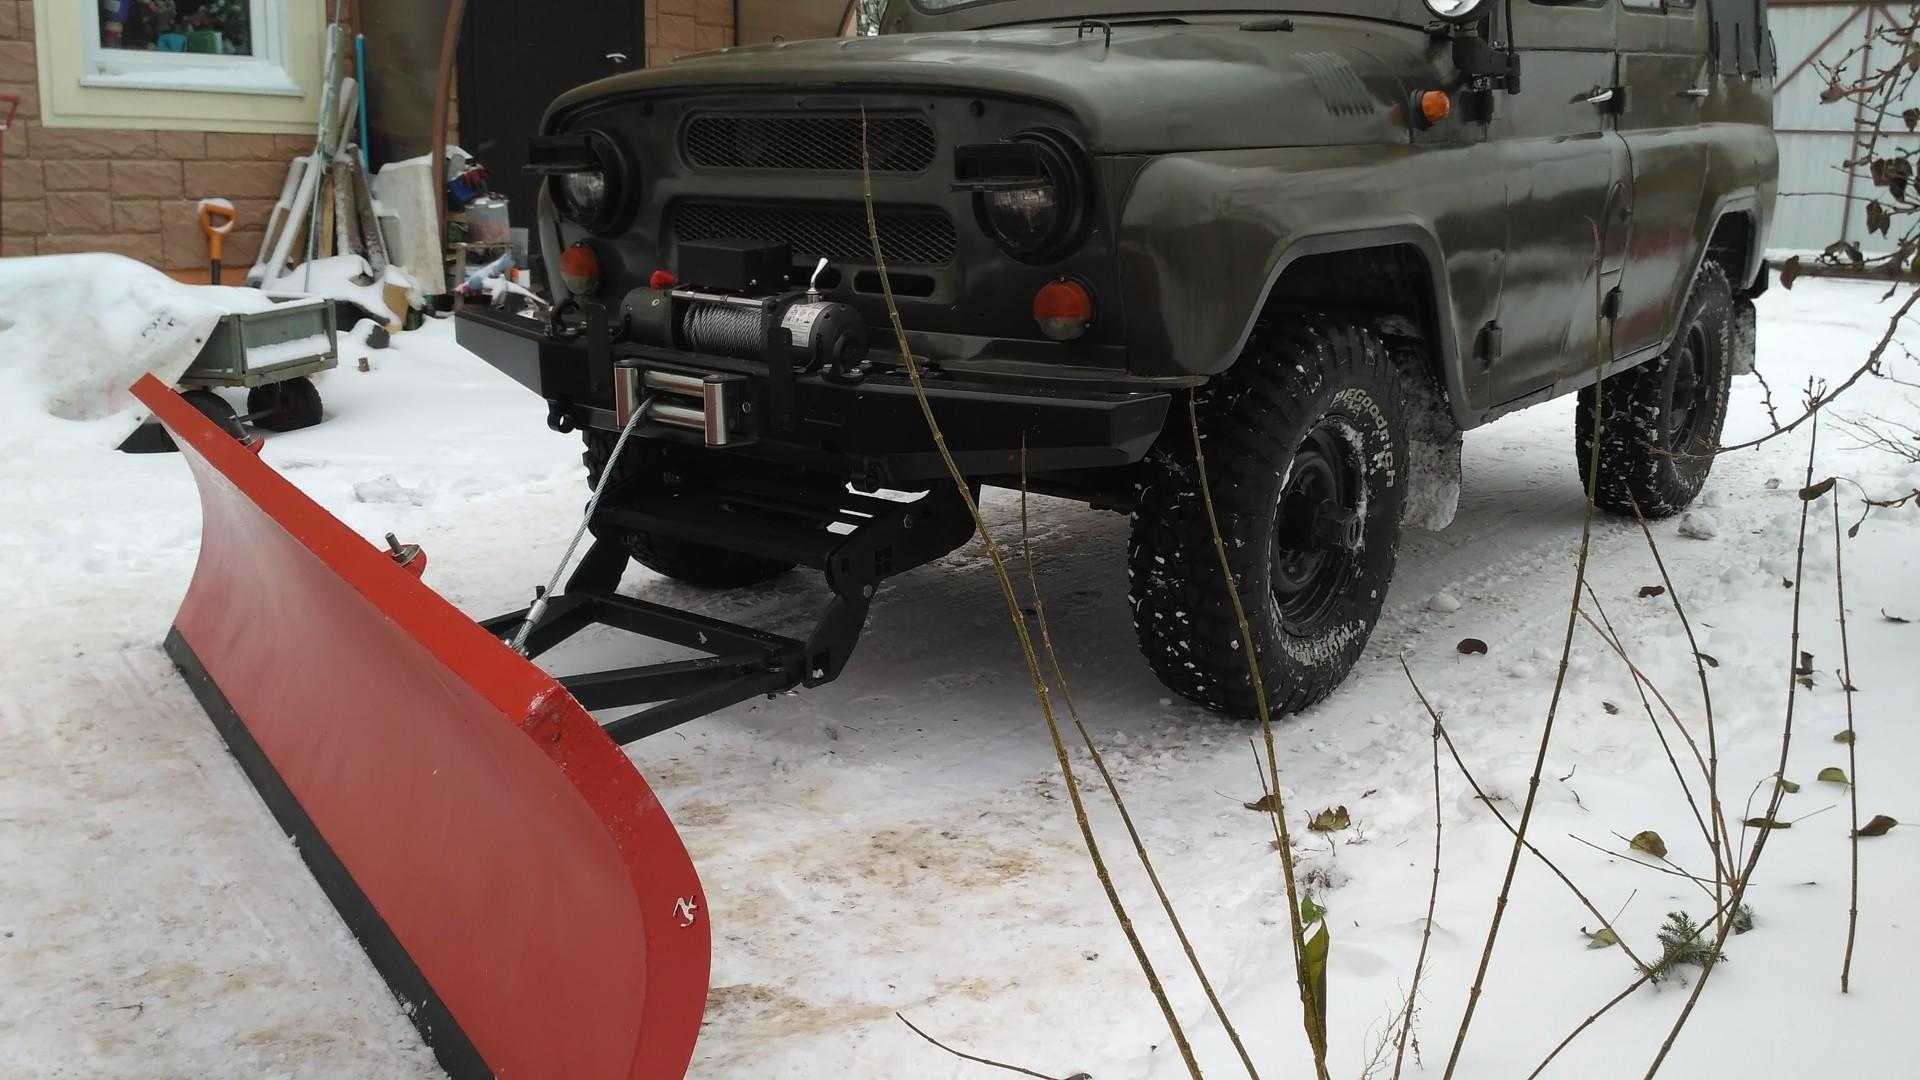 Нормативы уборки снега дворниками